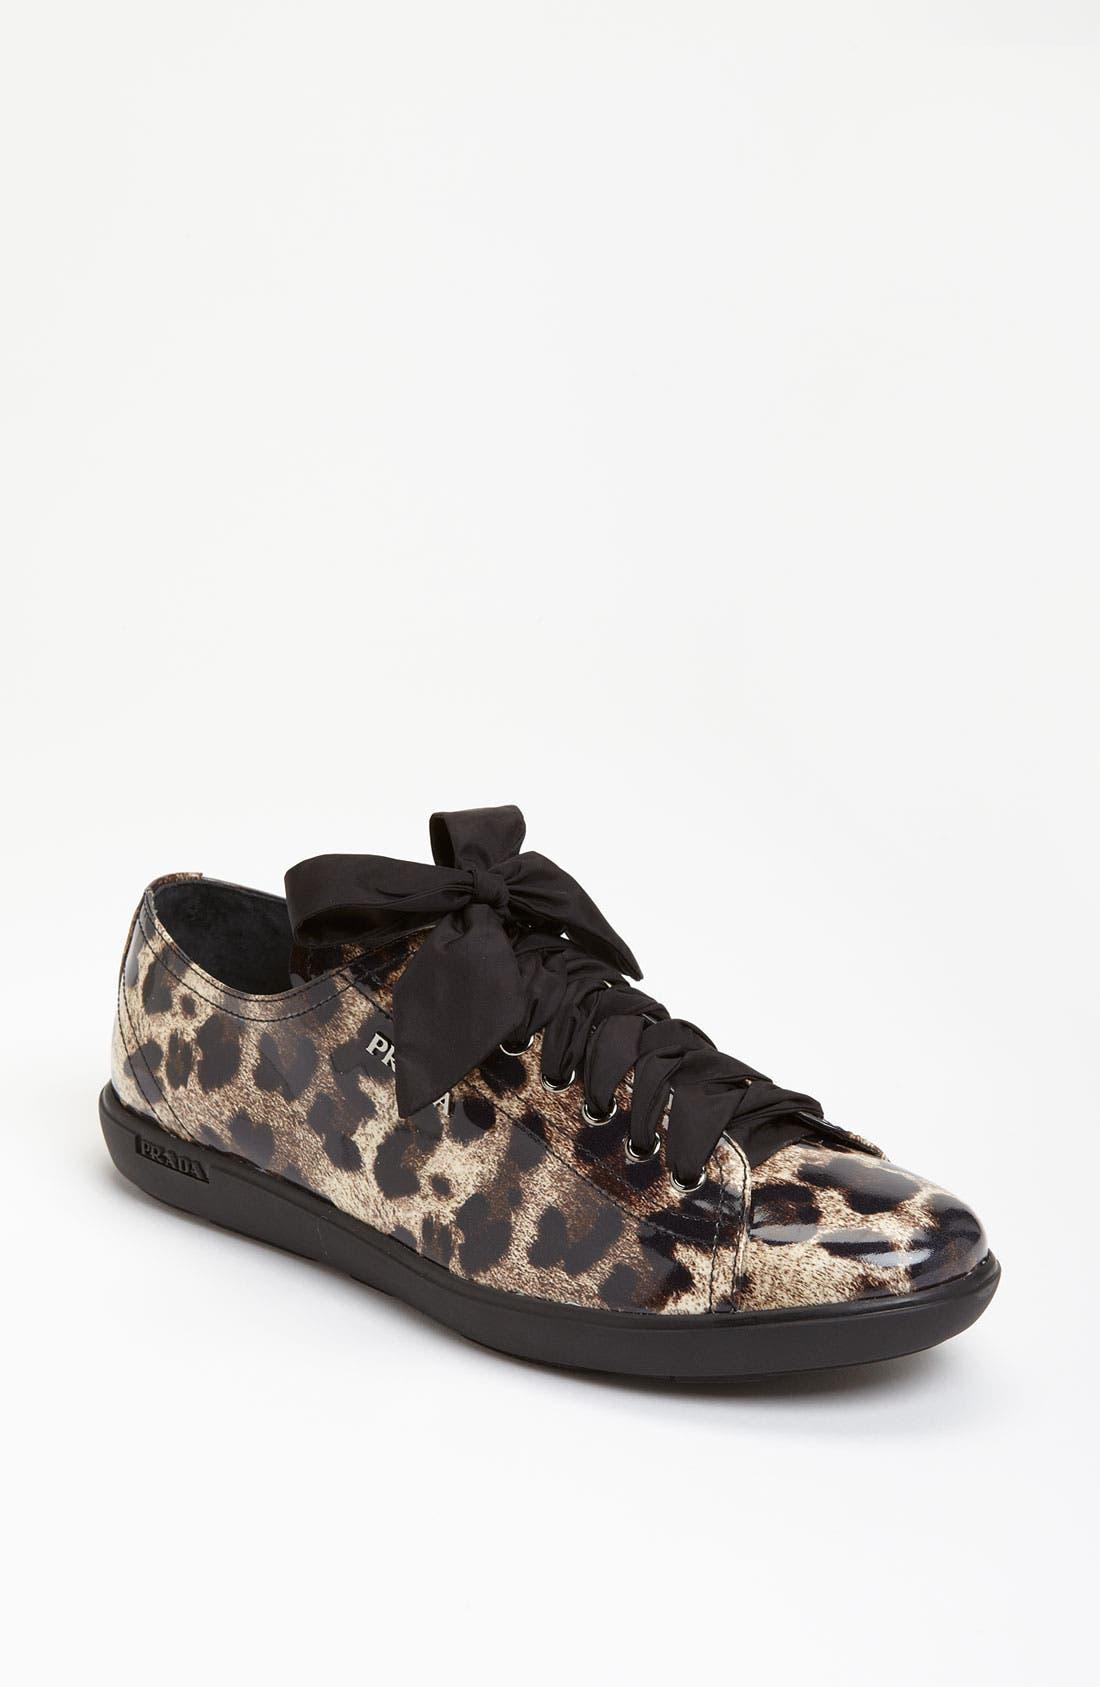 Main Image - Prada 'Puff' Sneaker